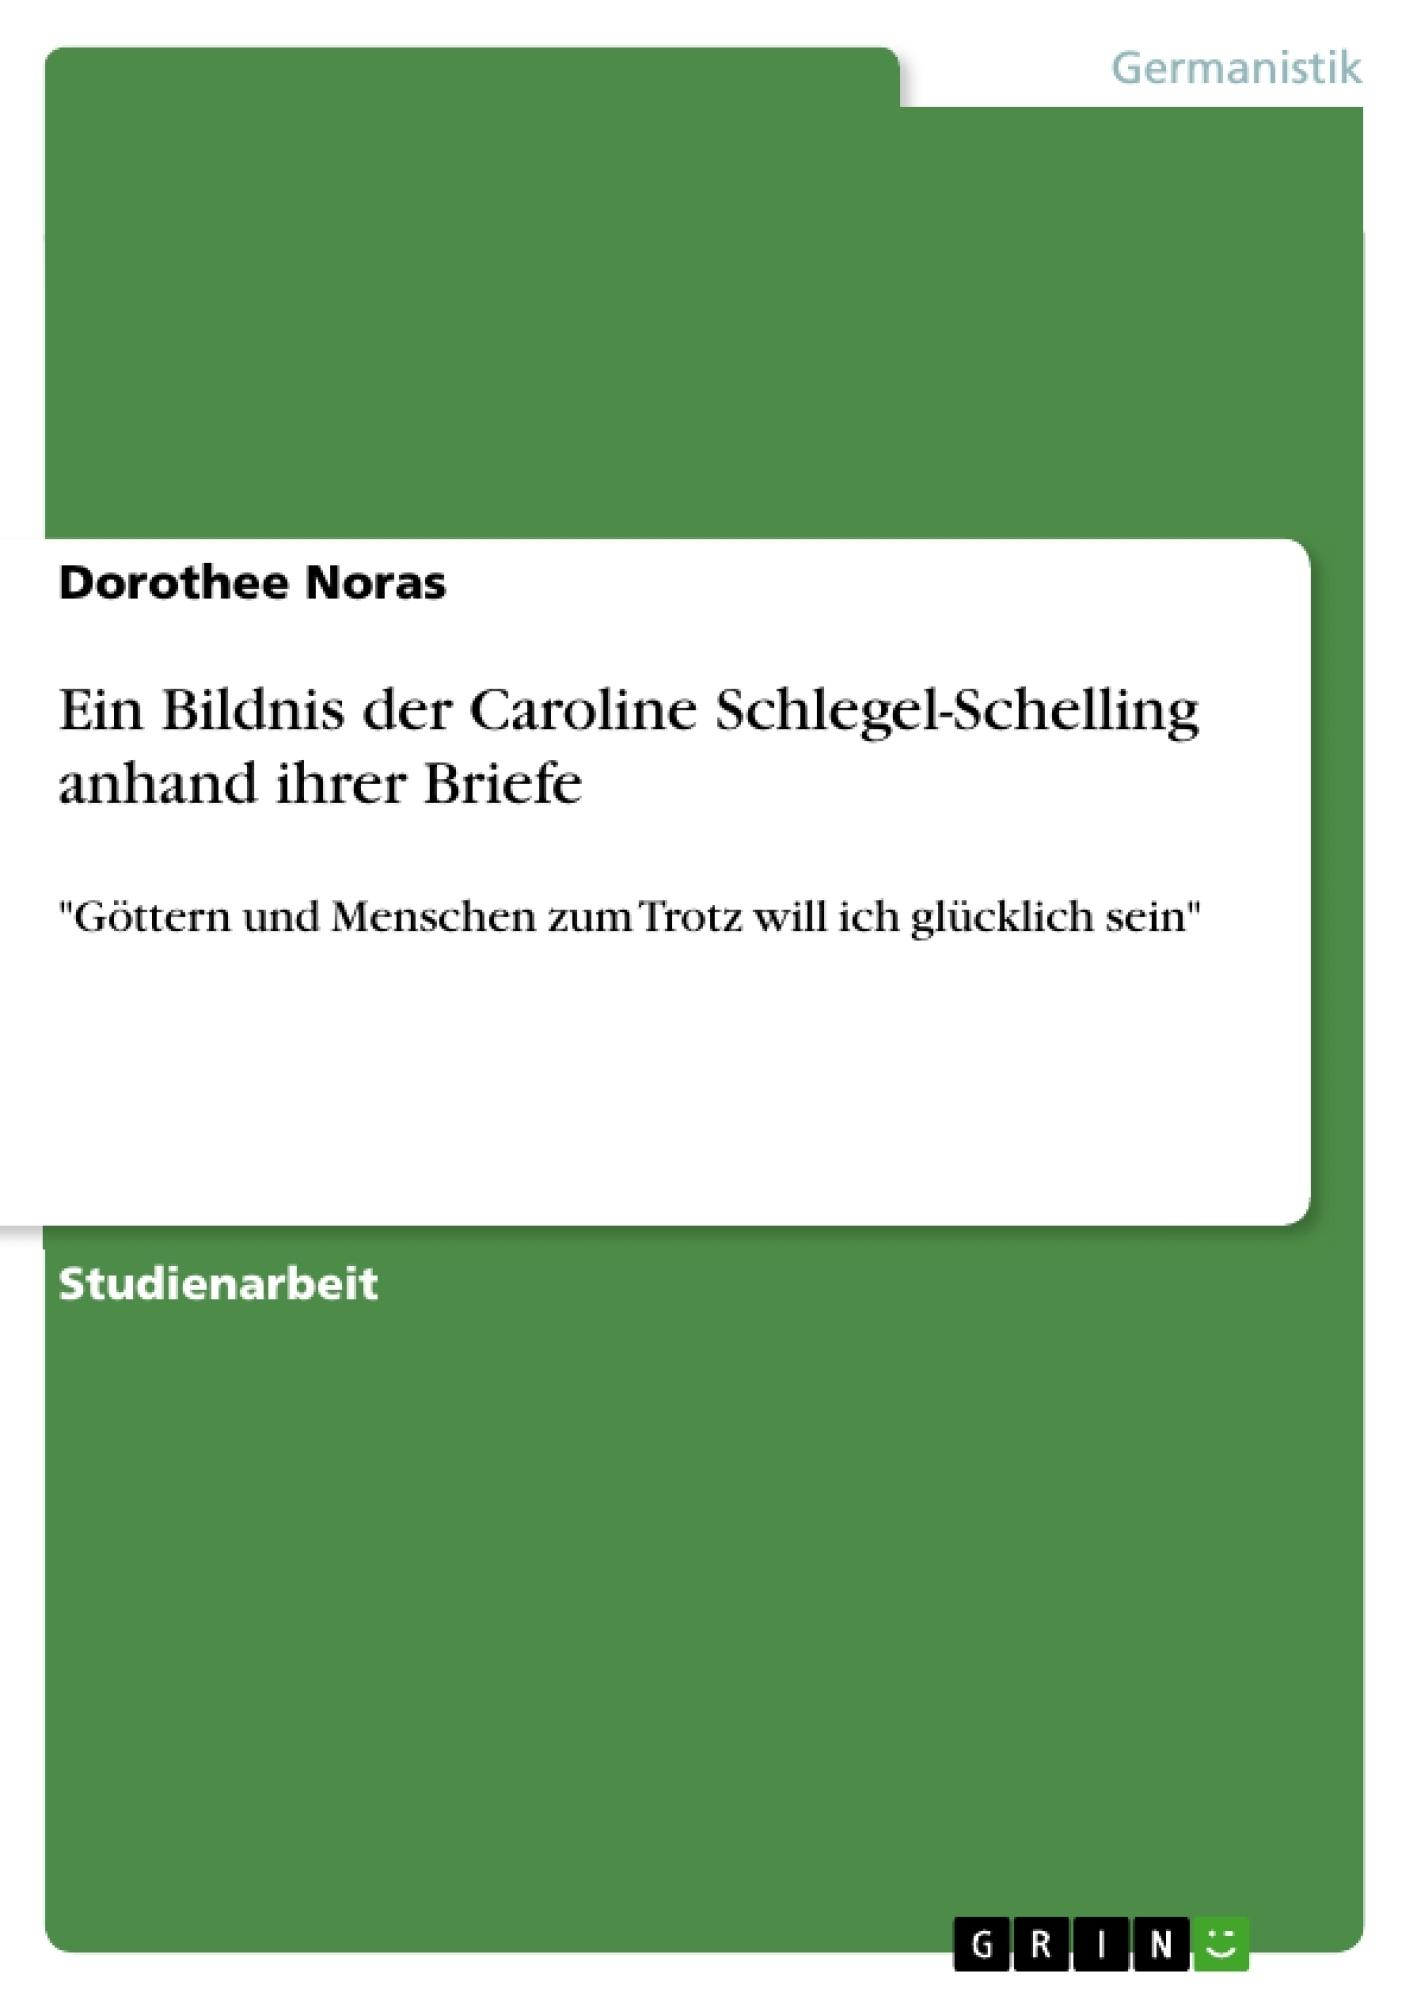 Titel: Ein Bildnis der Caroline Schlegel-Schelling anhand ihrer Briefe